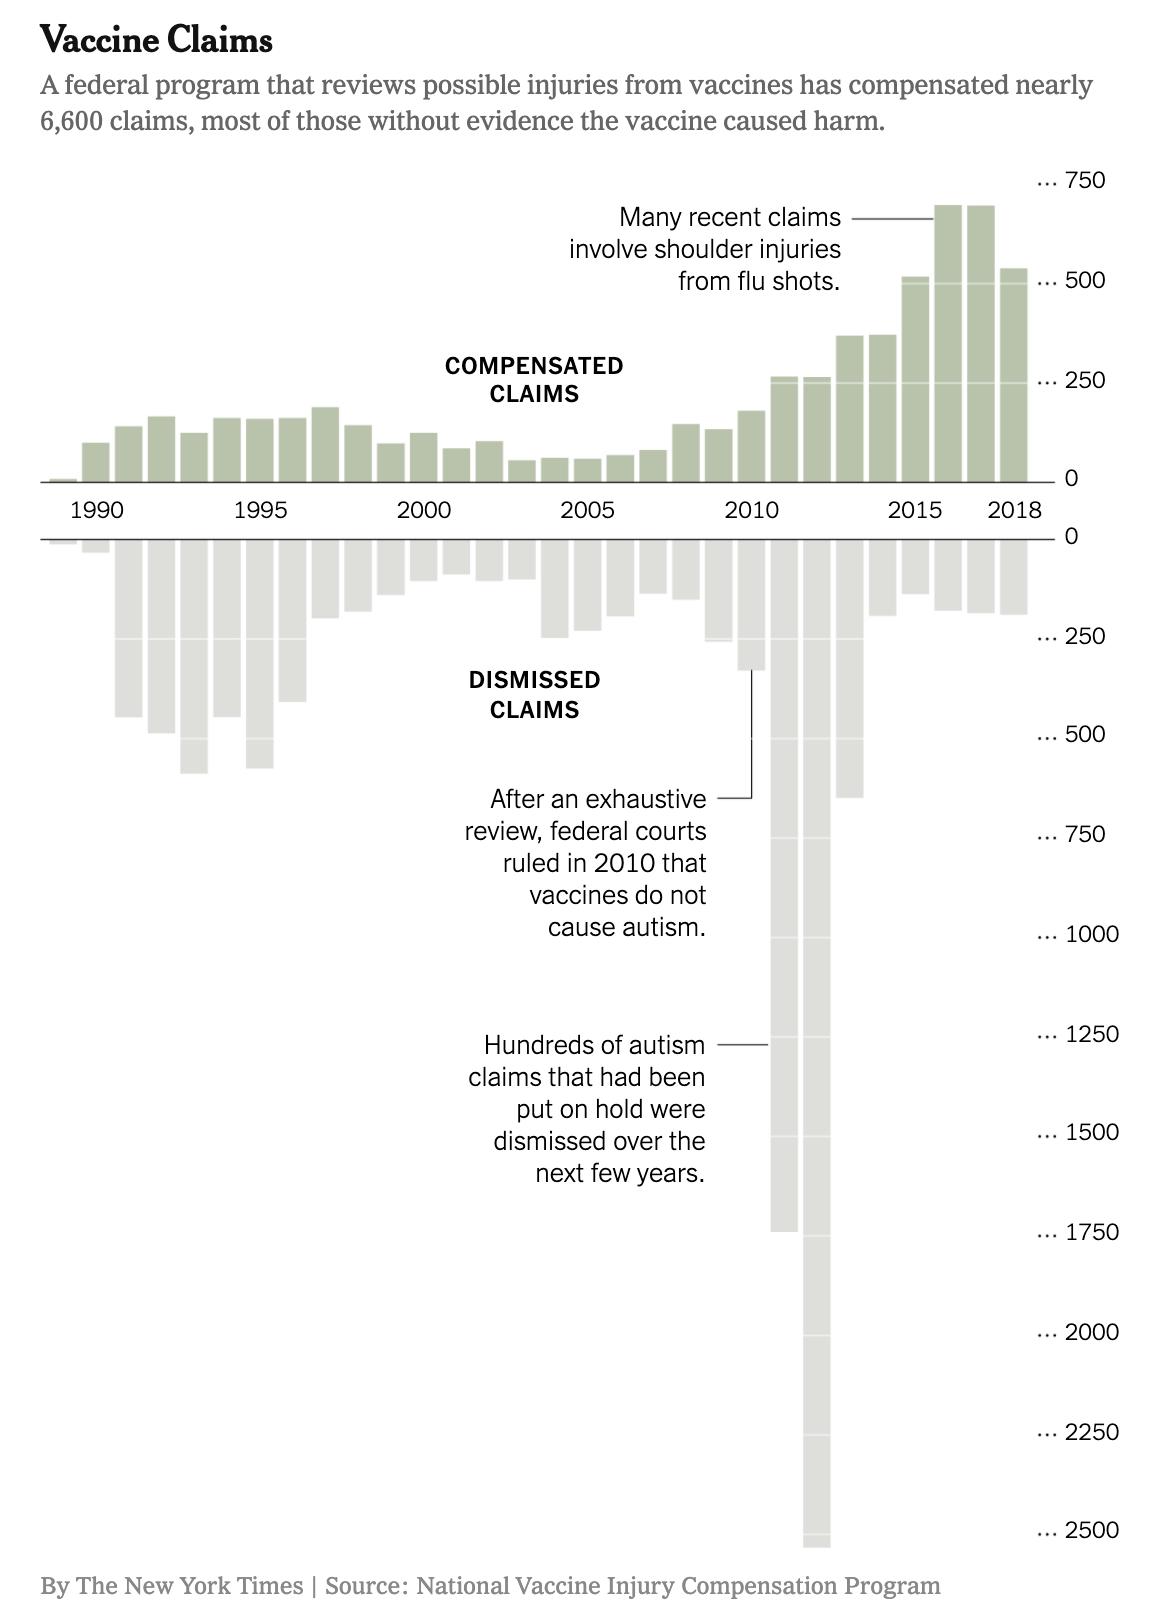 国家疫苗伤害赔偿计划(Vaccine Injury Compensation Program, VICP)是一项联邦计划, 旨在对可能因接种特定疫苗而受到伤害的人进行赔偿。图中绿色部分是获得索赔的申请,灰色为索赔被驳回的申请。图片来源:纽约时报